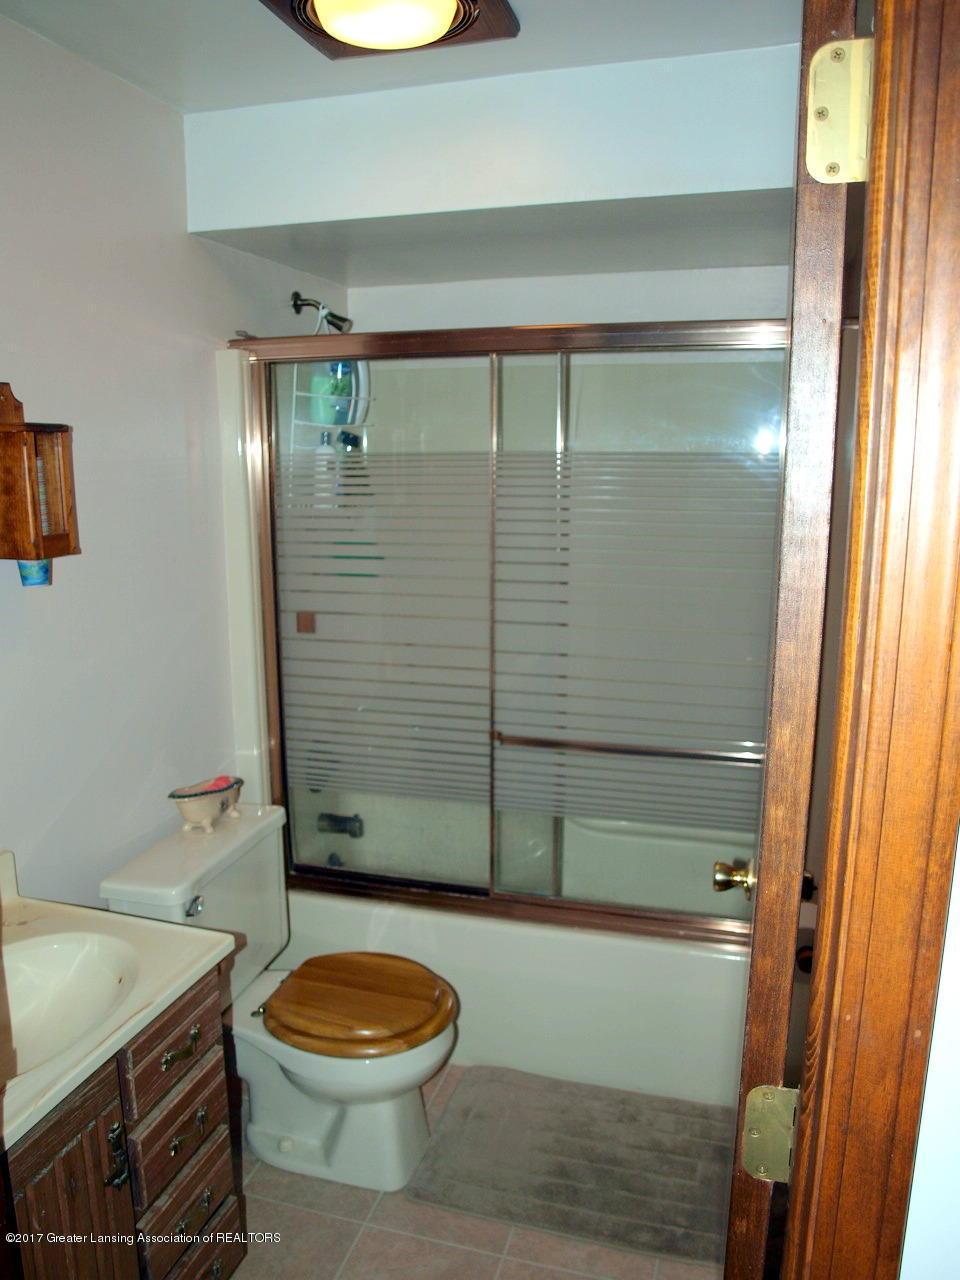 1871 W Taft Rd - 1st Floor Bath - 15